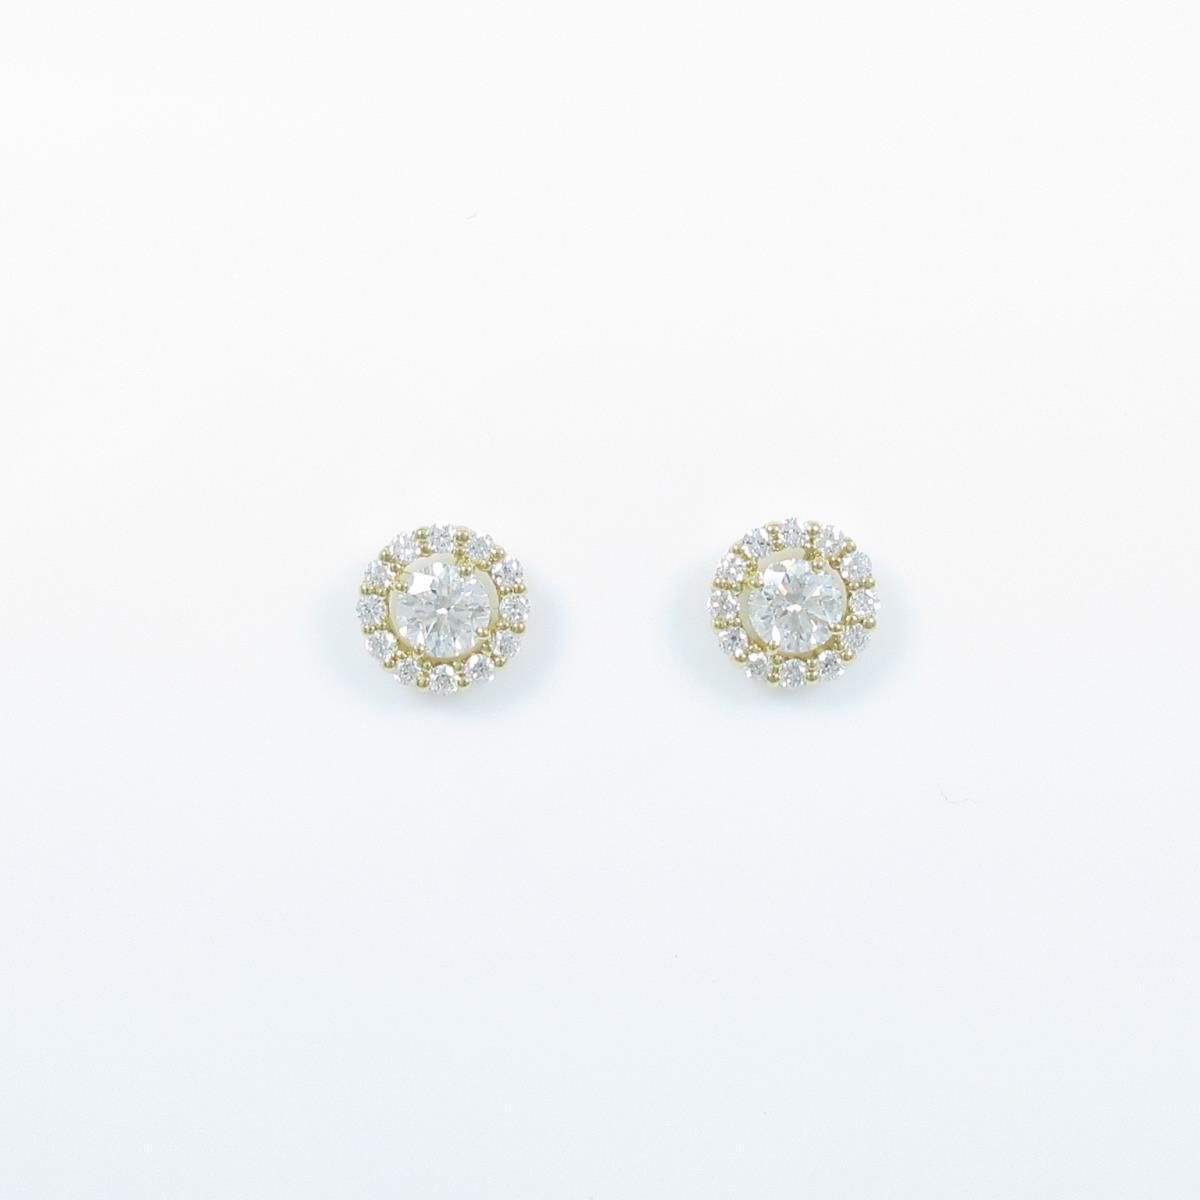 【新品】K18YG ダイヤモンドピアス 0.269ct・0.257ct・G・SI2・VG【新品】